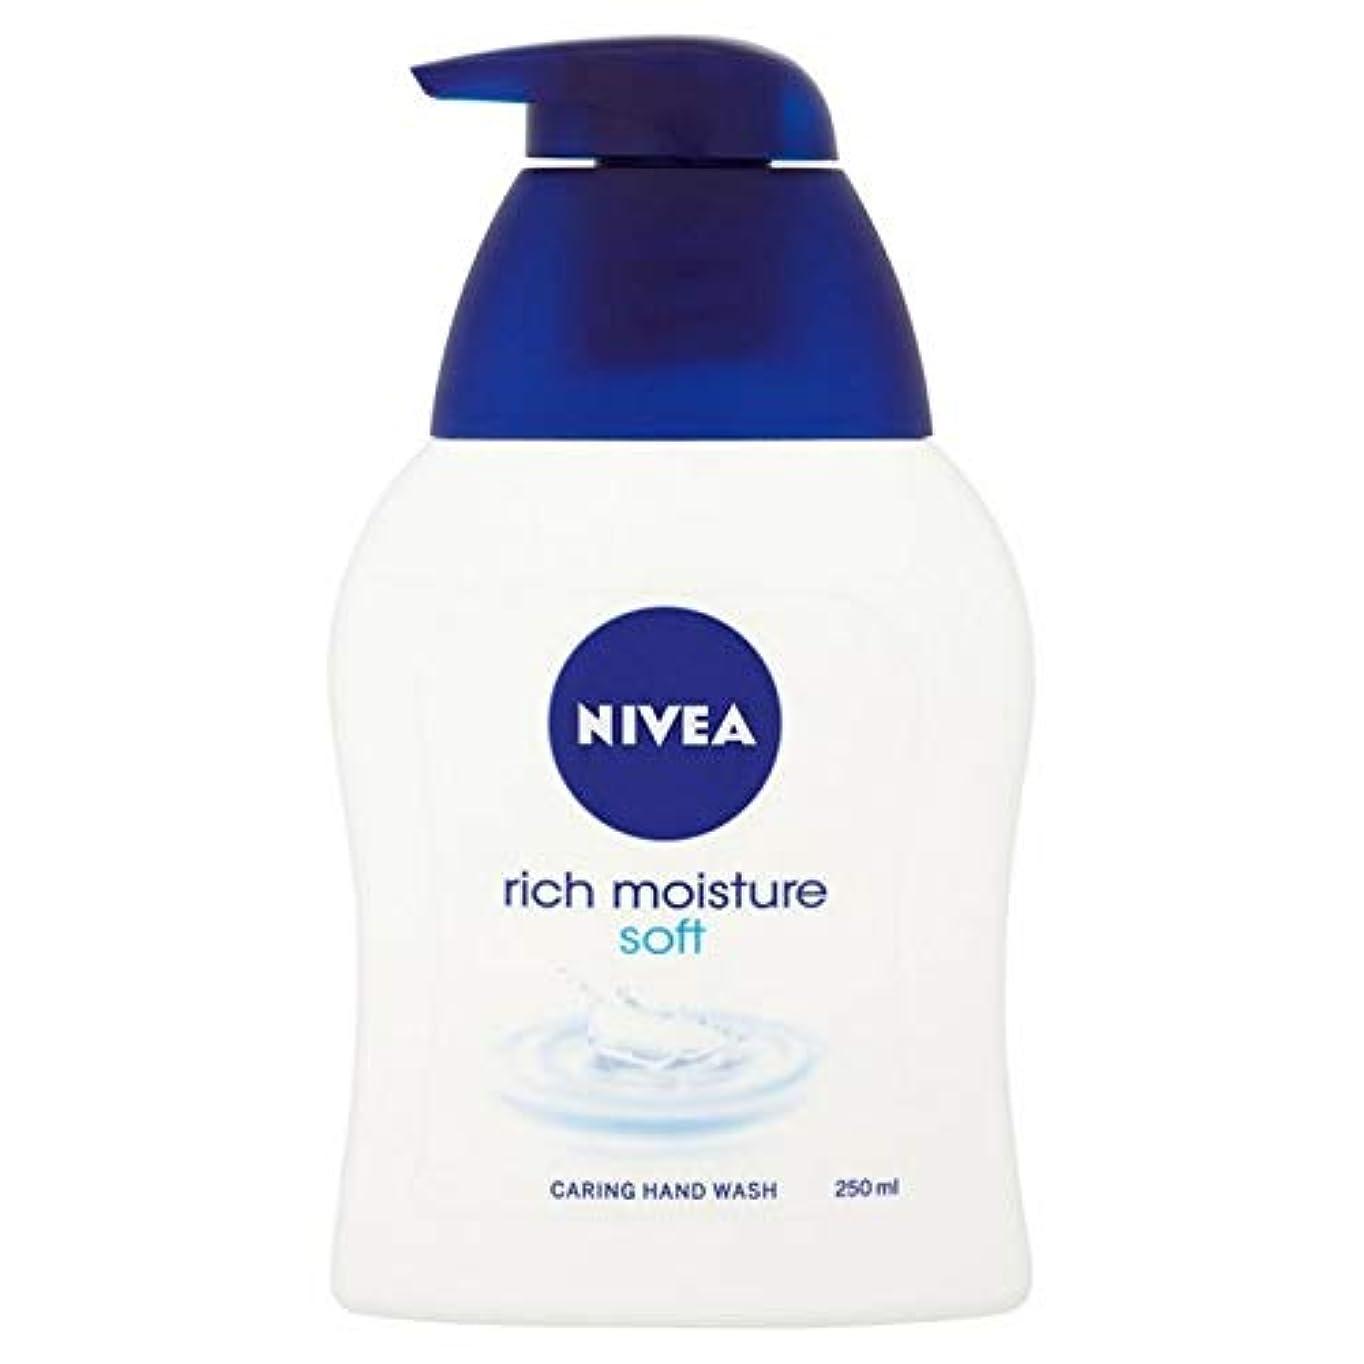 カビ足音美人[Nivea ] ニベア豊富な水分ソフト思いやり手洗いの250ミリリットル - Nivea Rich Moisture Soft Caring Hand Wash 250ml [並行輸入品]